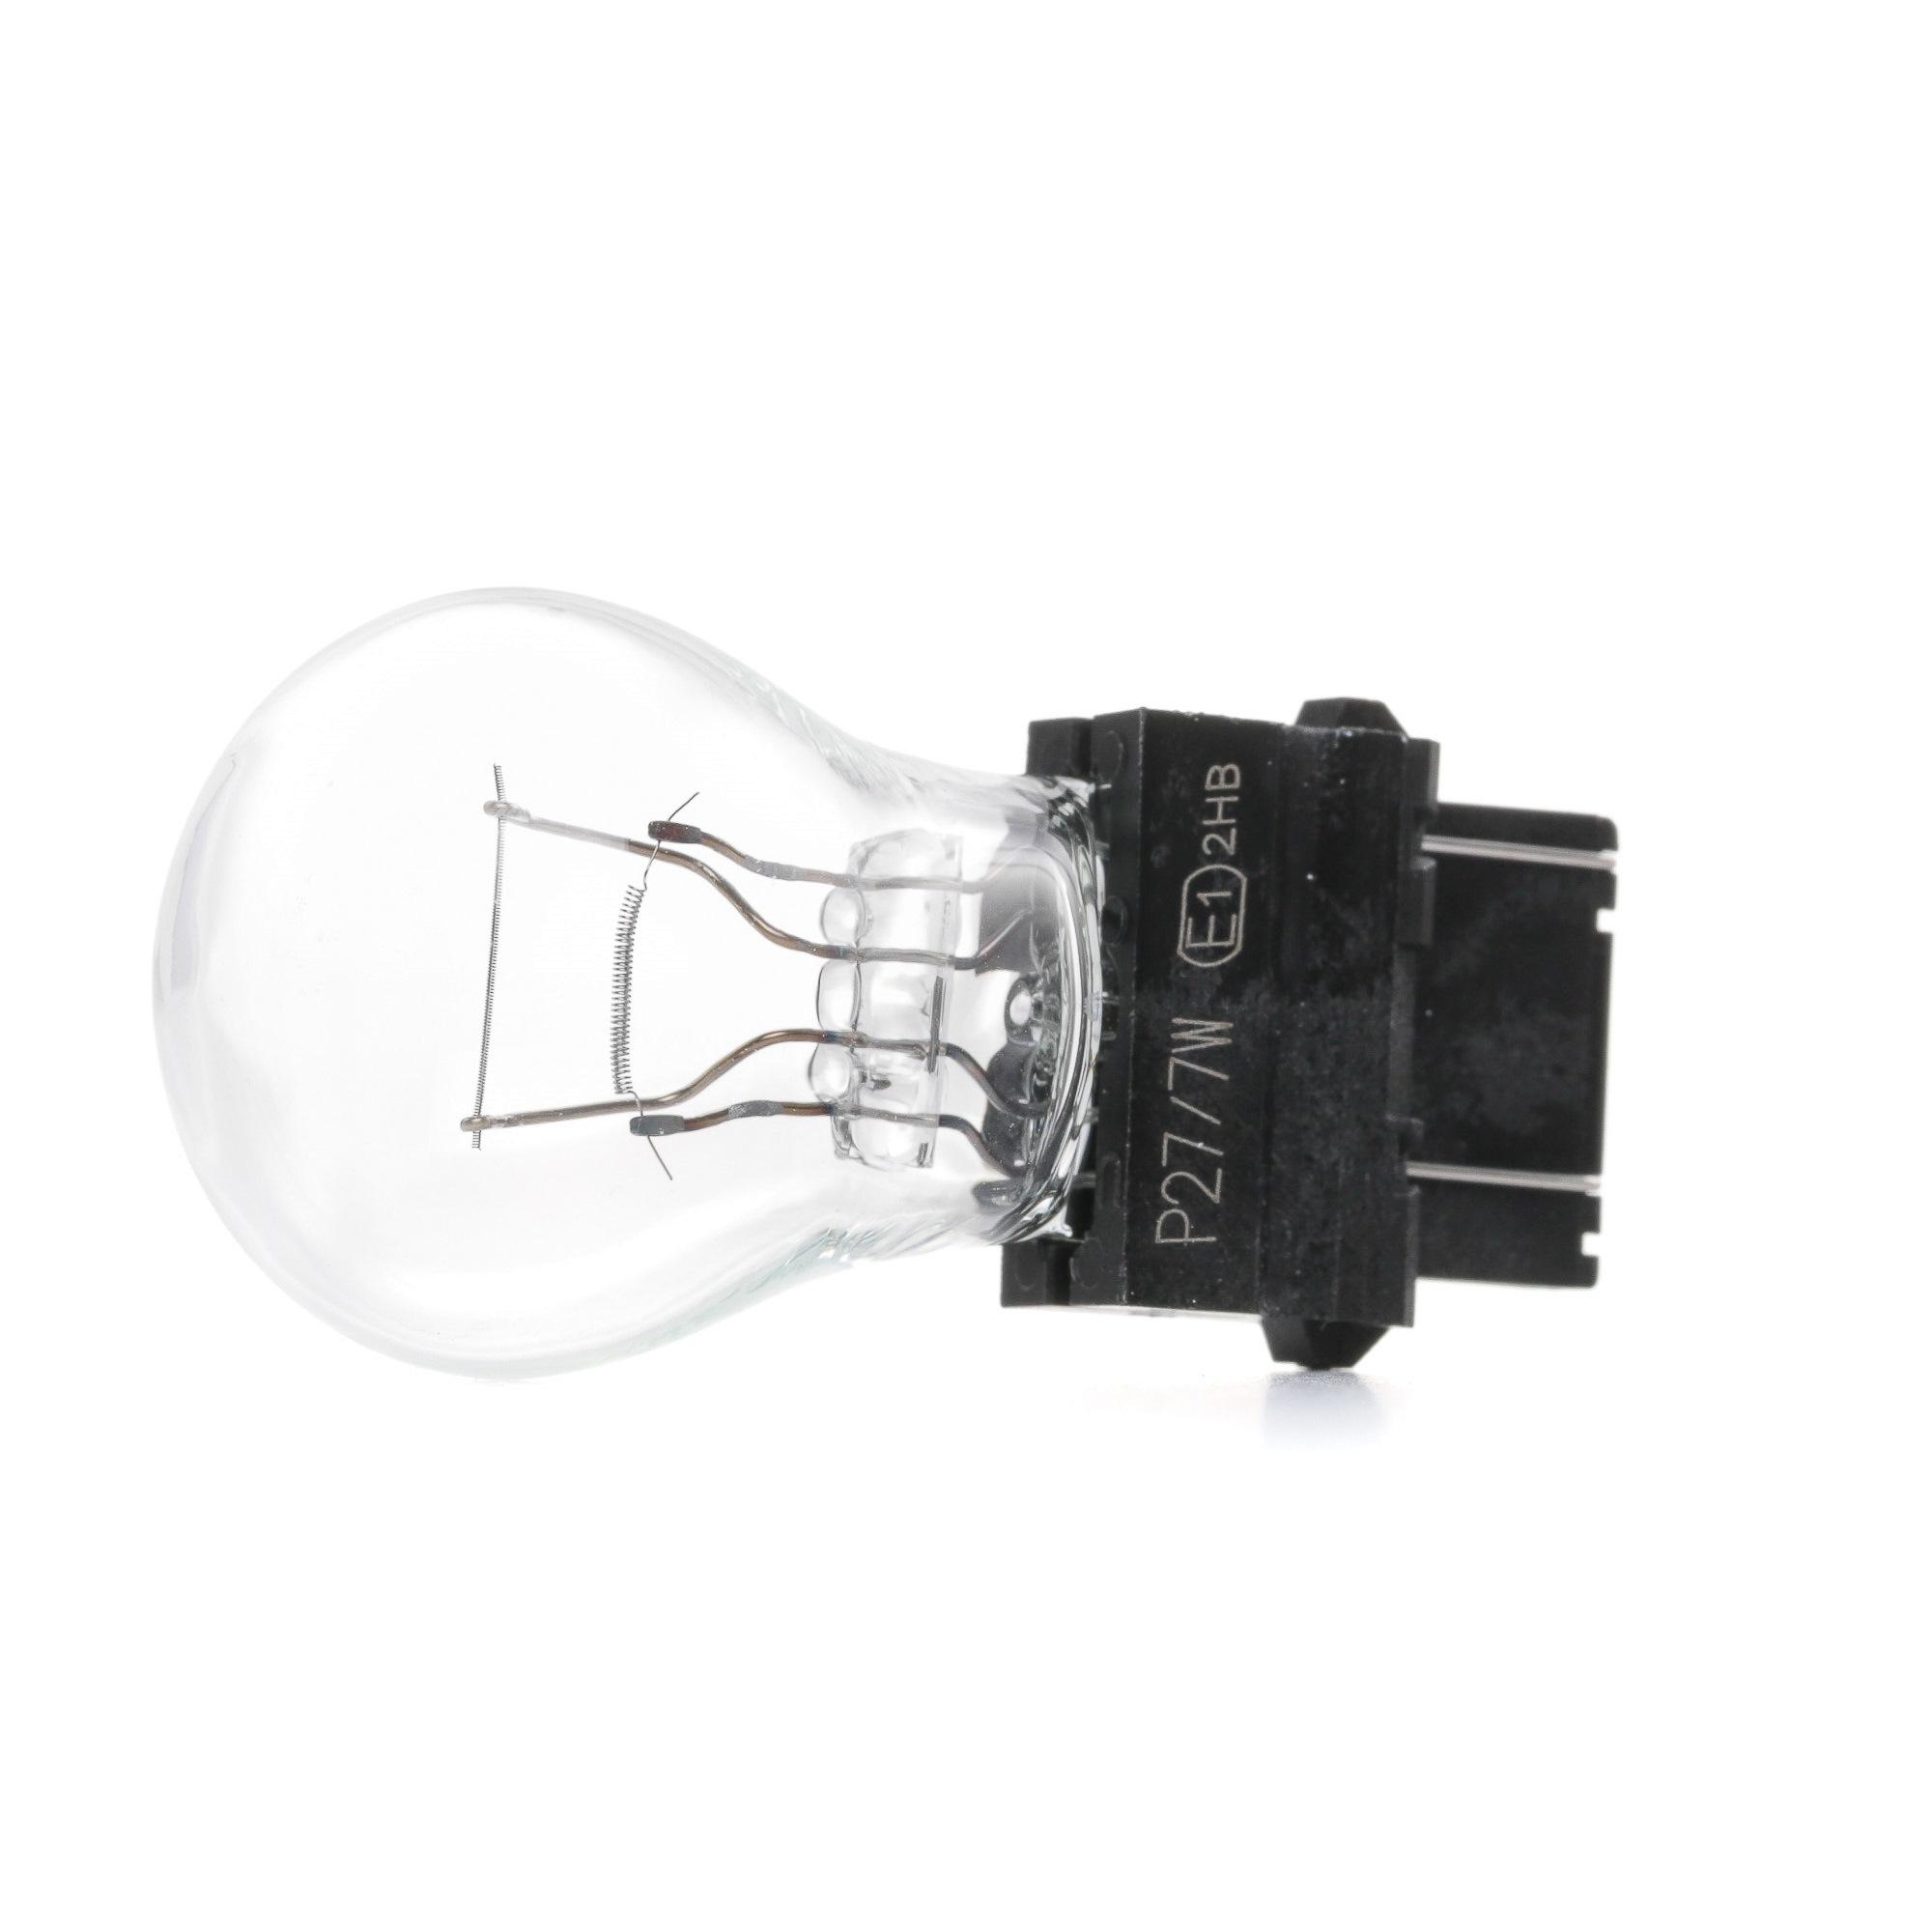 Gloeilamp, knipperlamp 3157 SSANGYONG lage prijzen - Koop Nu!